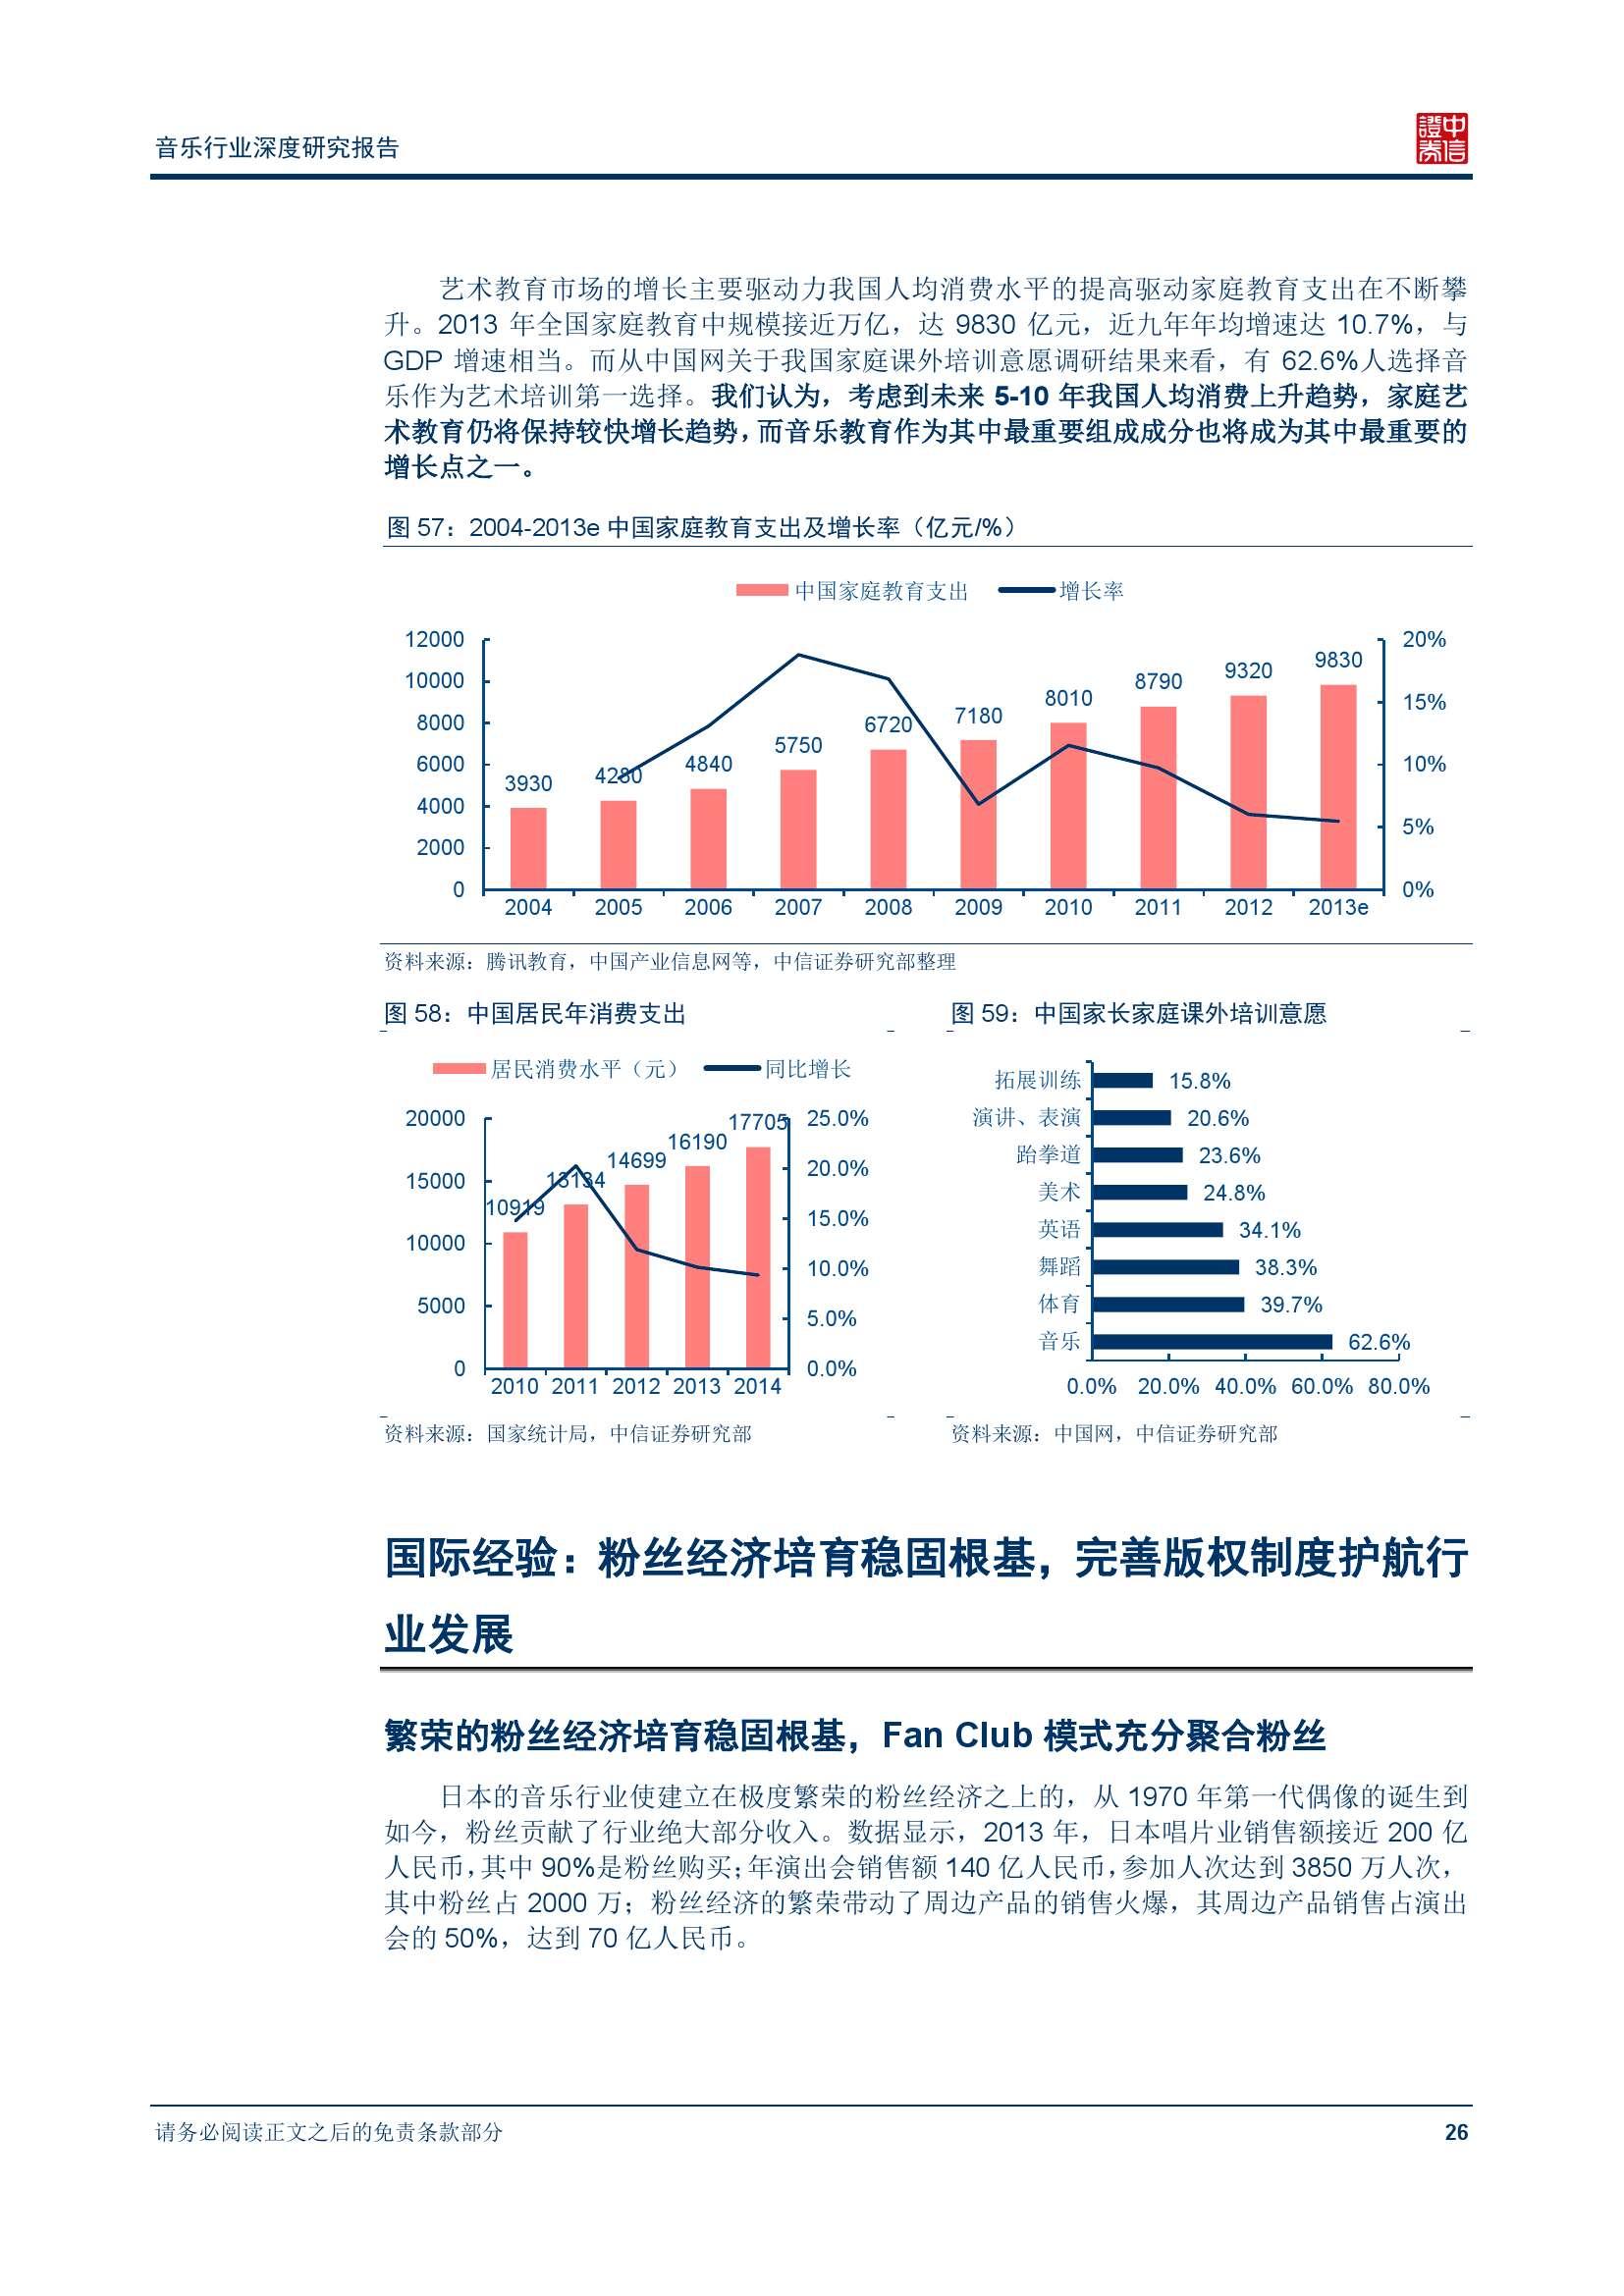 中信证券音乐行业深度研究报告_000031